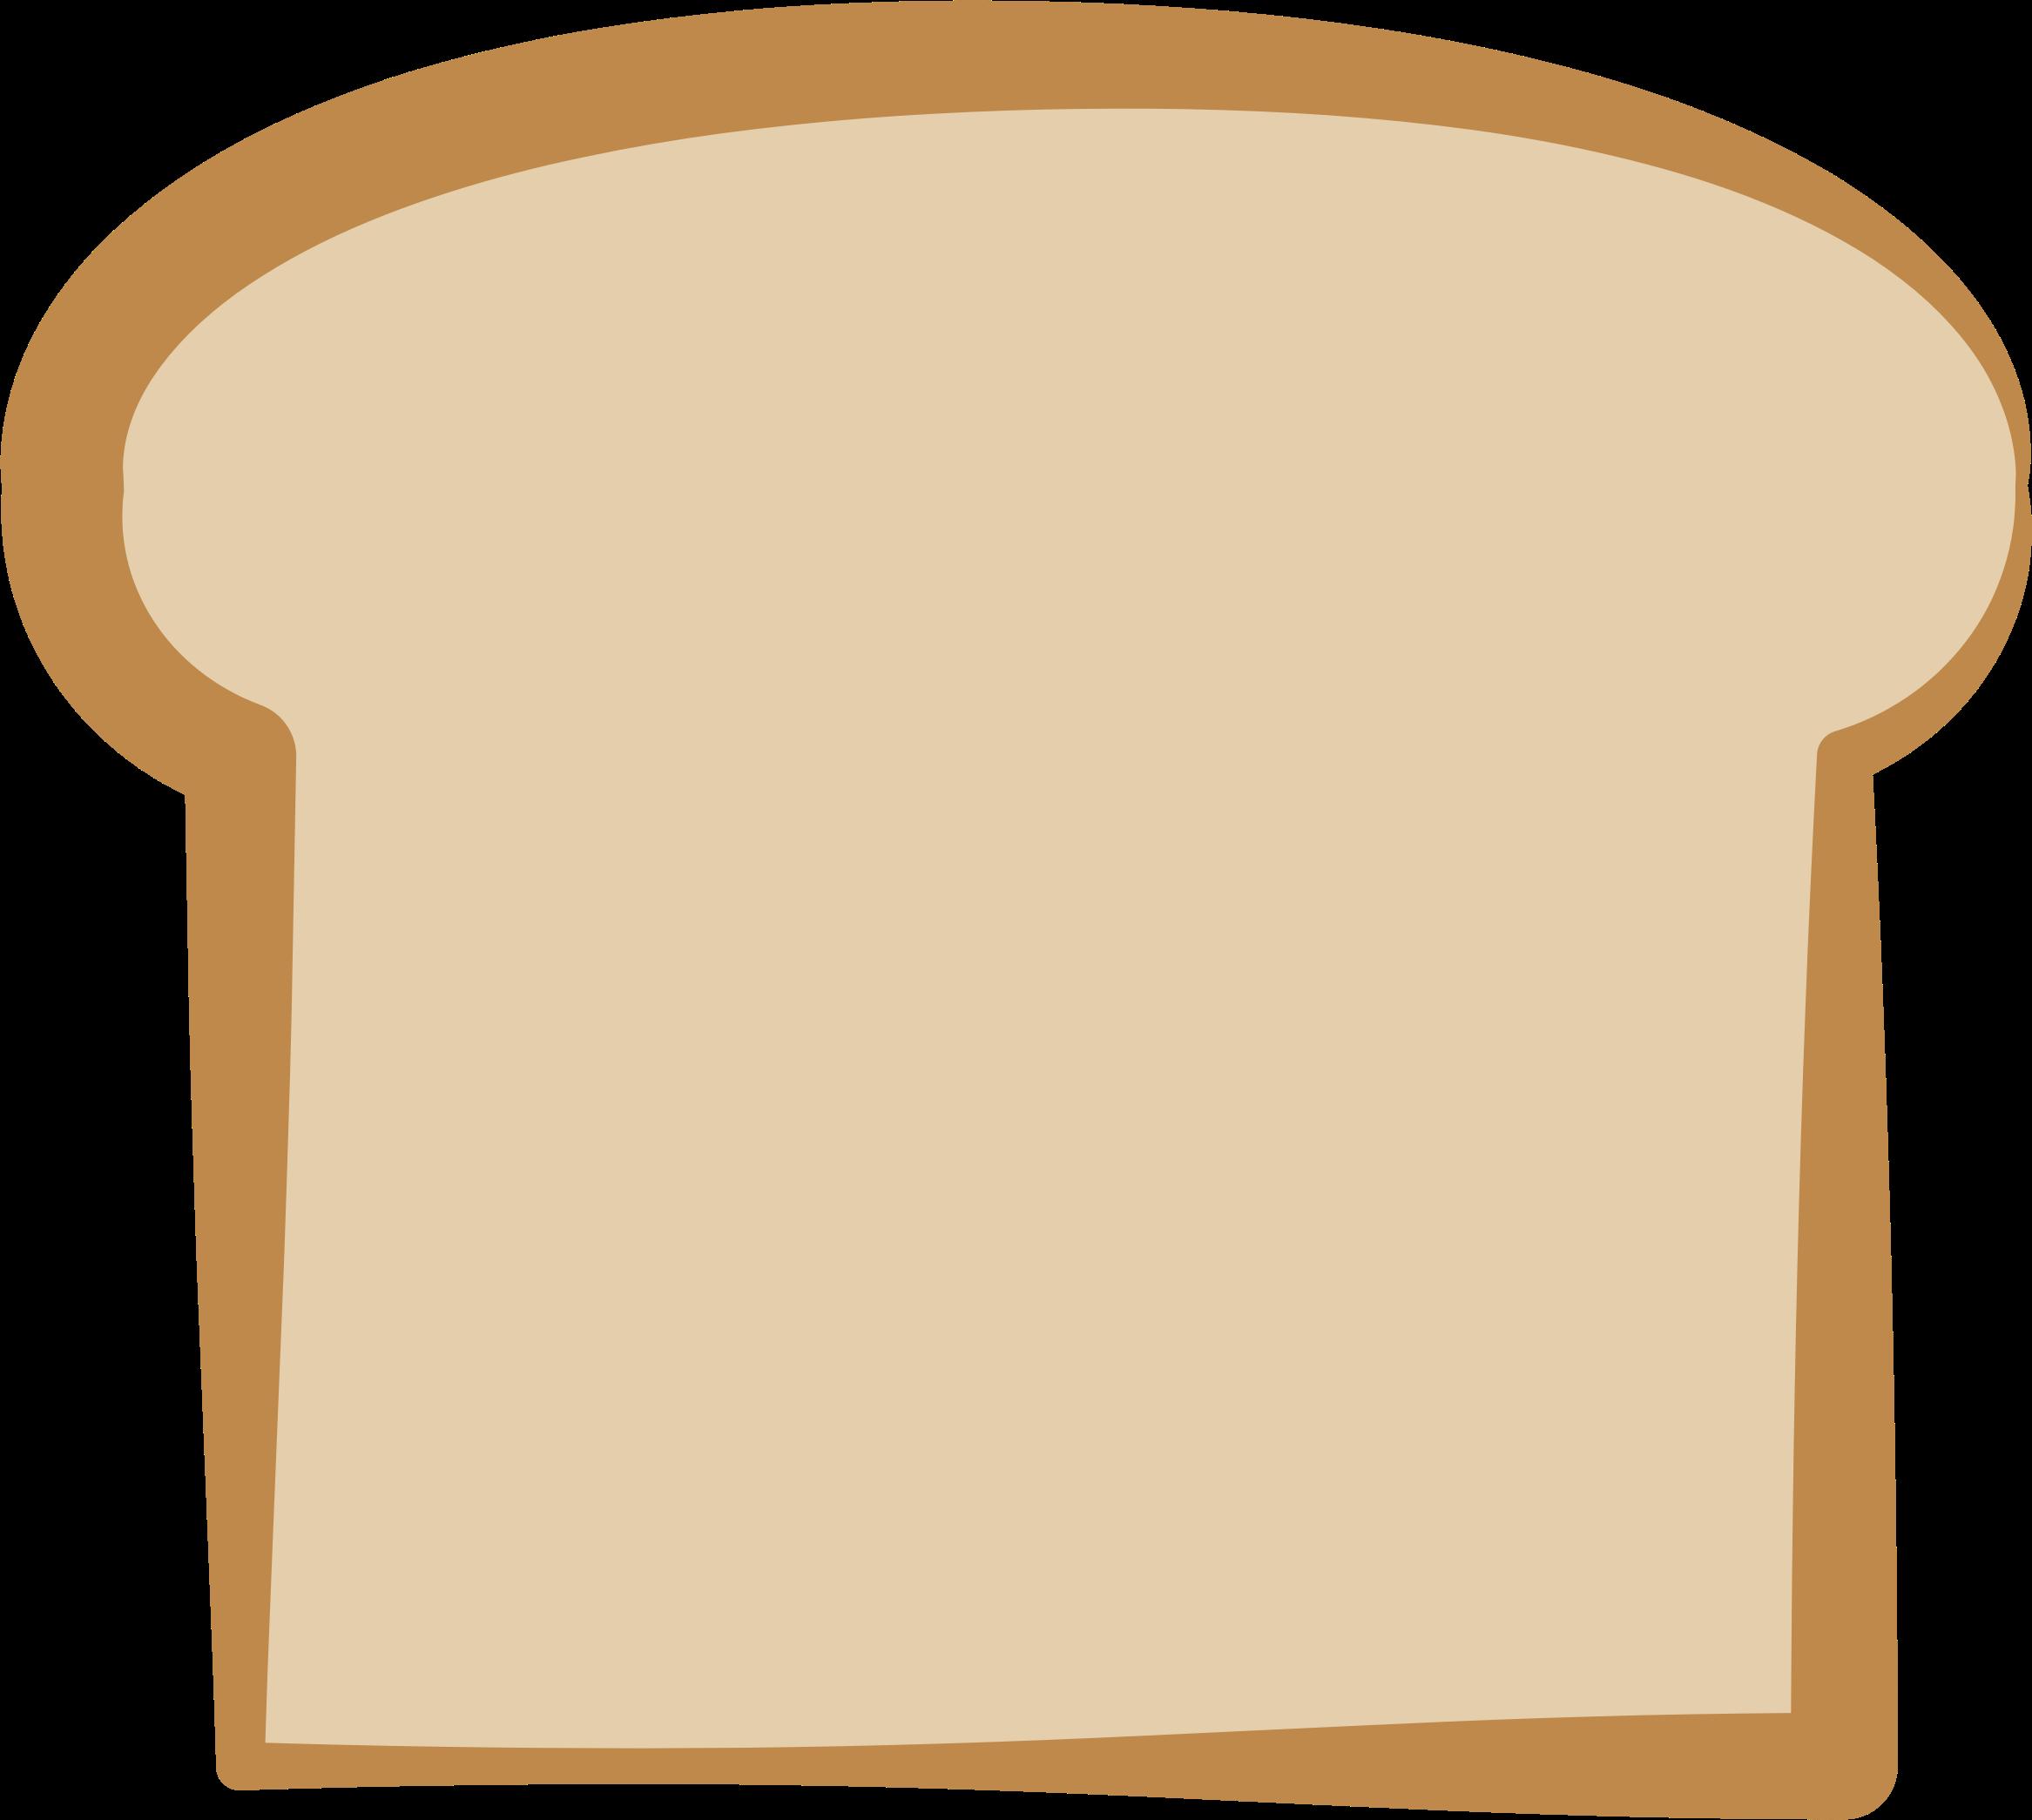 Toast clipart slice bread Bread Bread Clipart